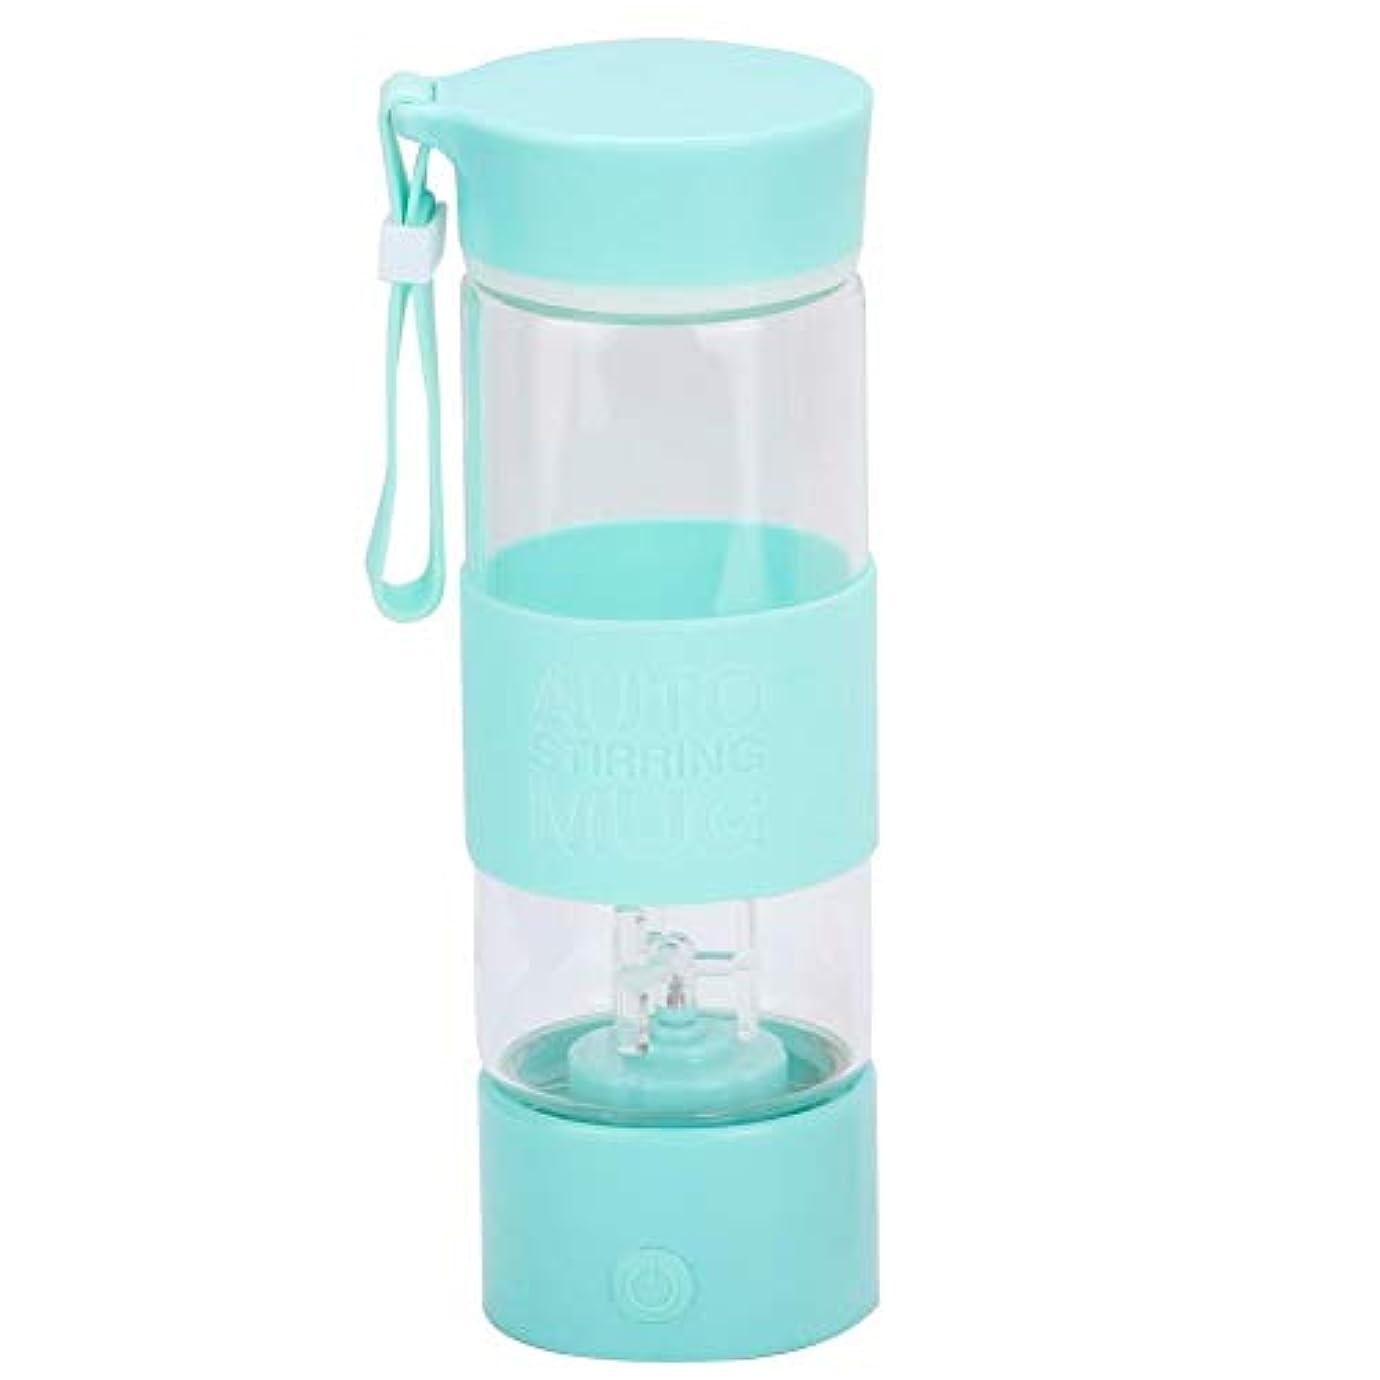 侵略抑圧ドナーBlenderBottle、400ml電動自動混合コーヒー攪拌ボトル高ホウケイ酸ガラス断熱ボトル、ポータブルシリコンロープ付き(緑)